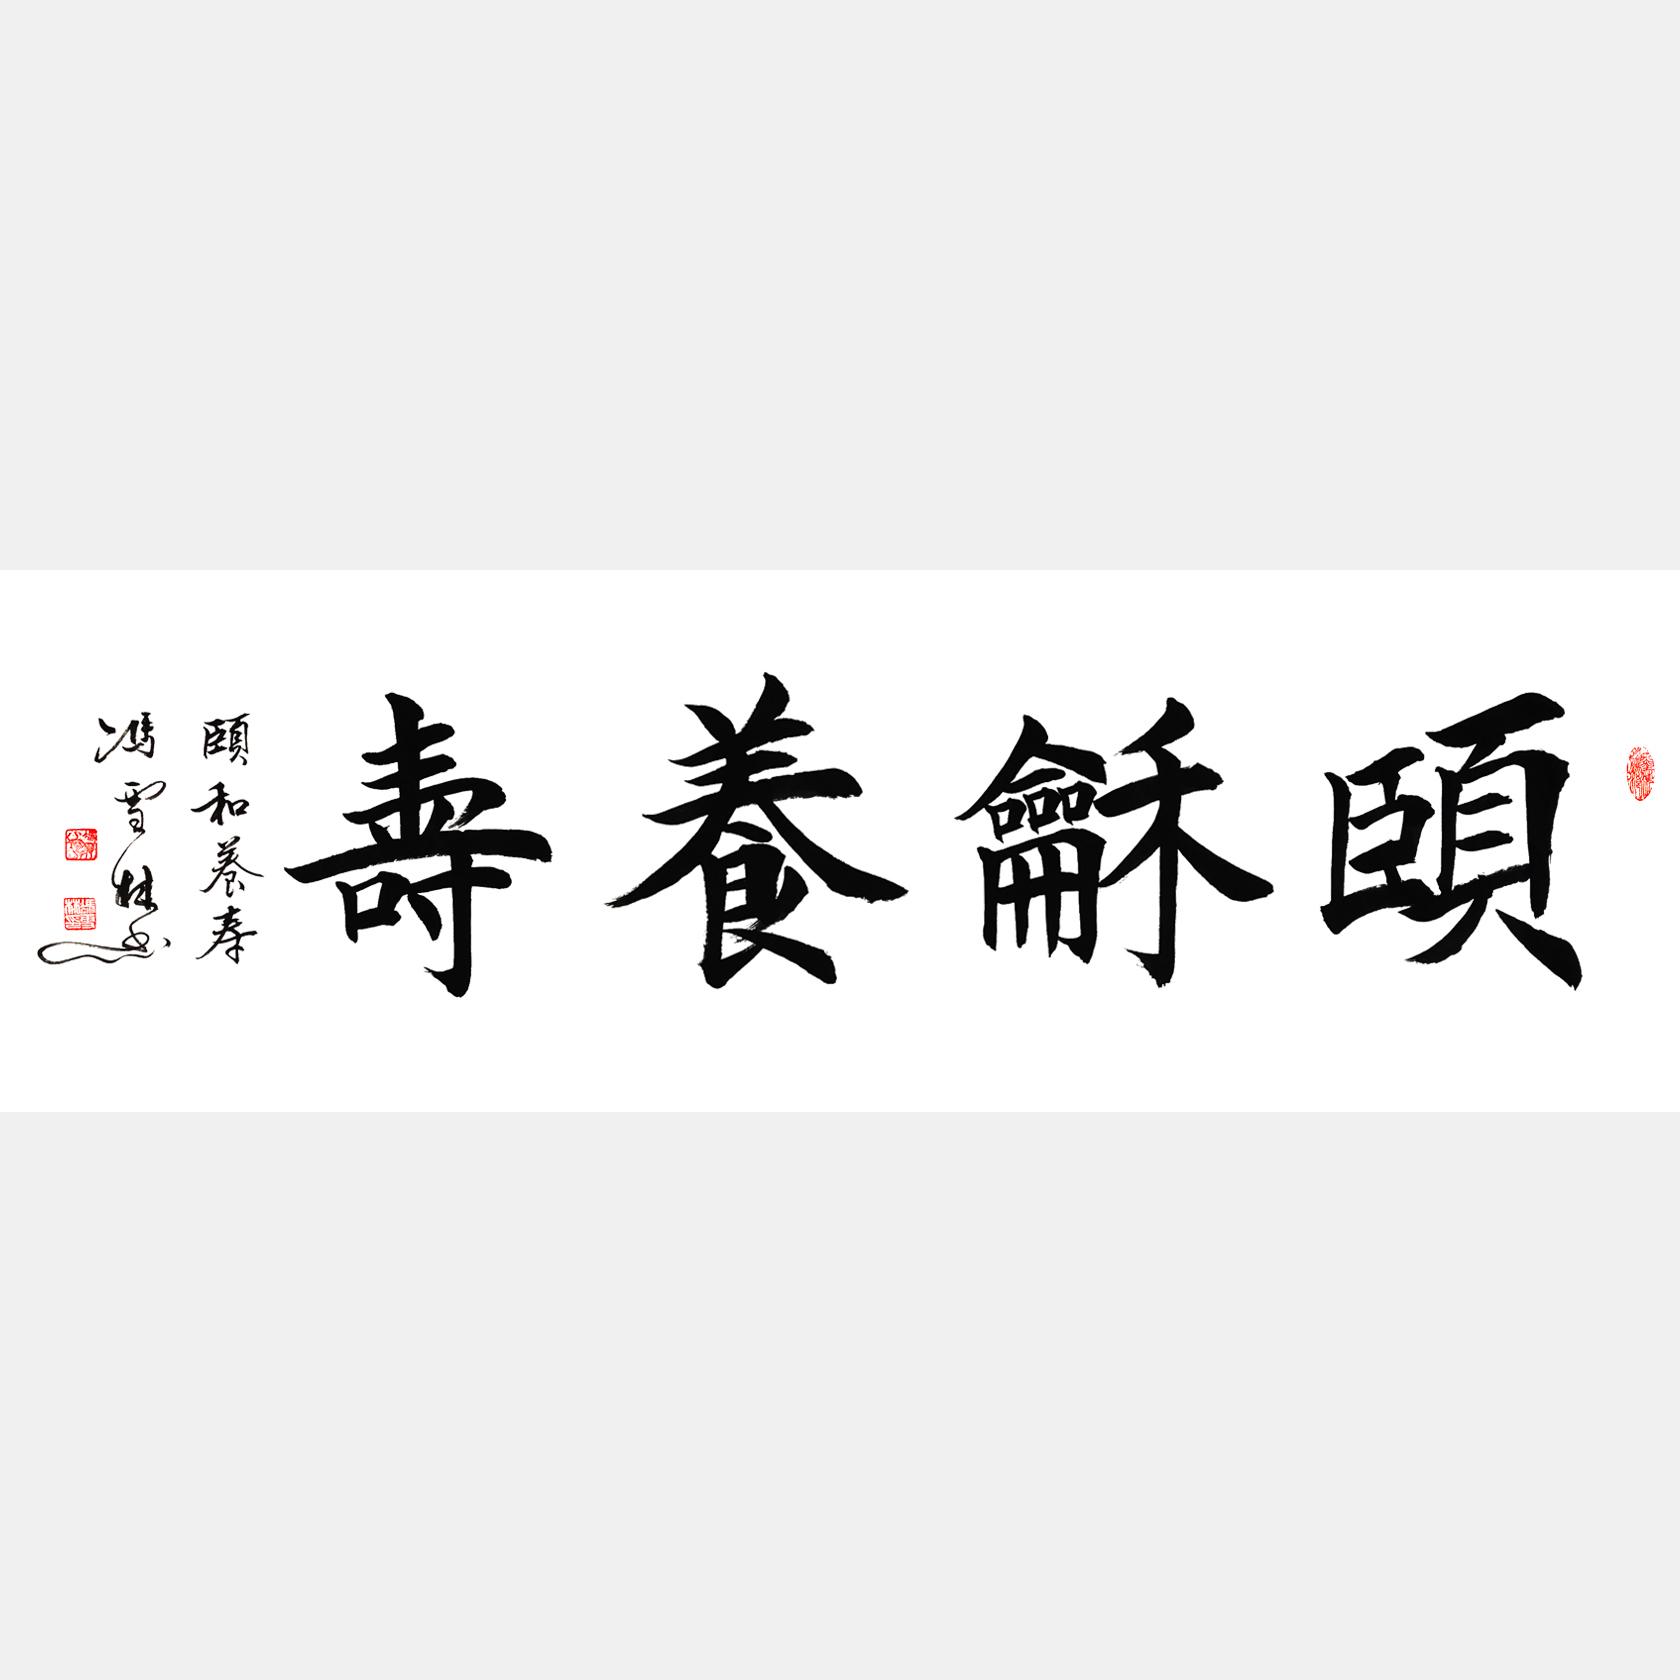 颐和养寿书法作品 颐和养寿楷书字画 四字吉语 四尺横幅